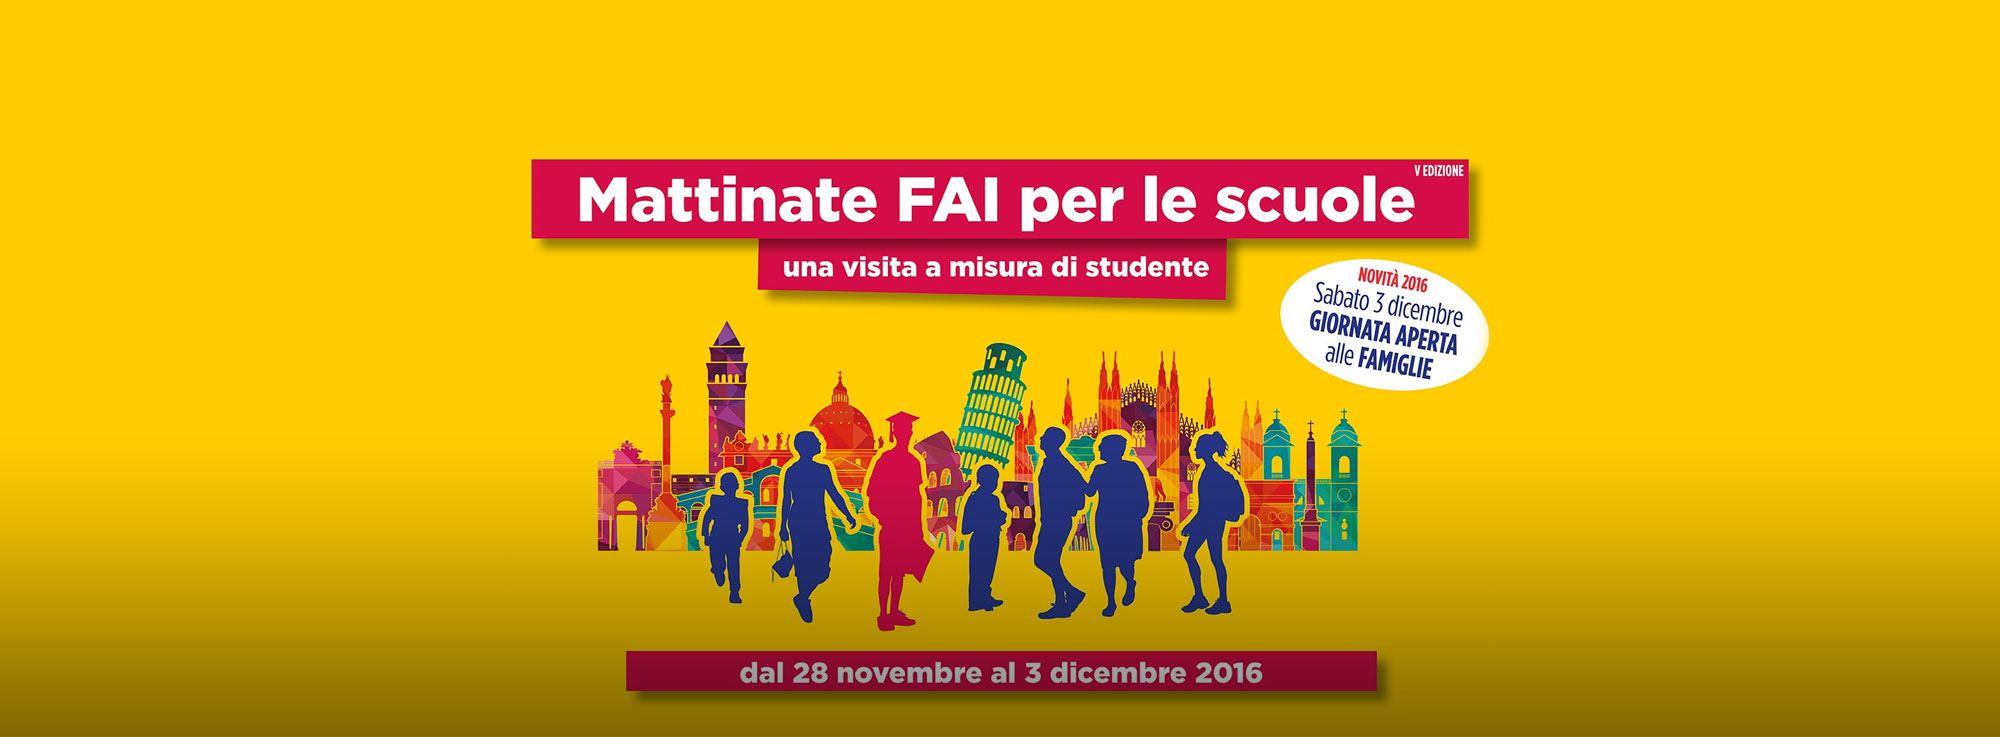 Puglia: Mattinate Fai per le Scuole, le visite in Puglia